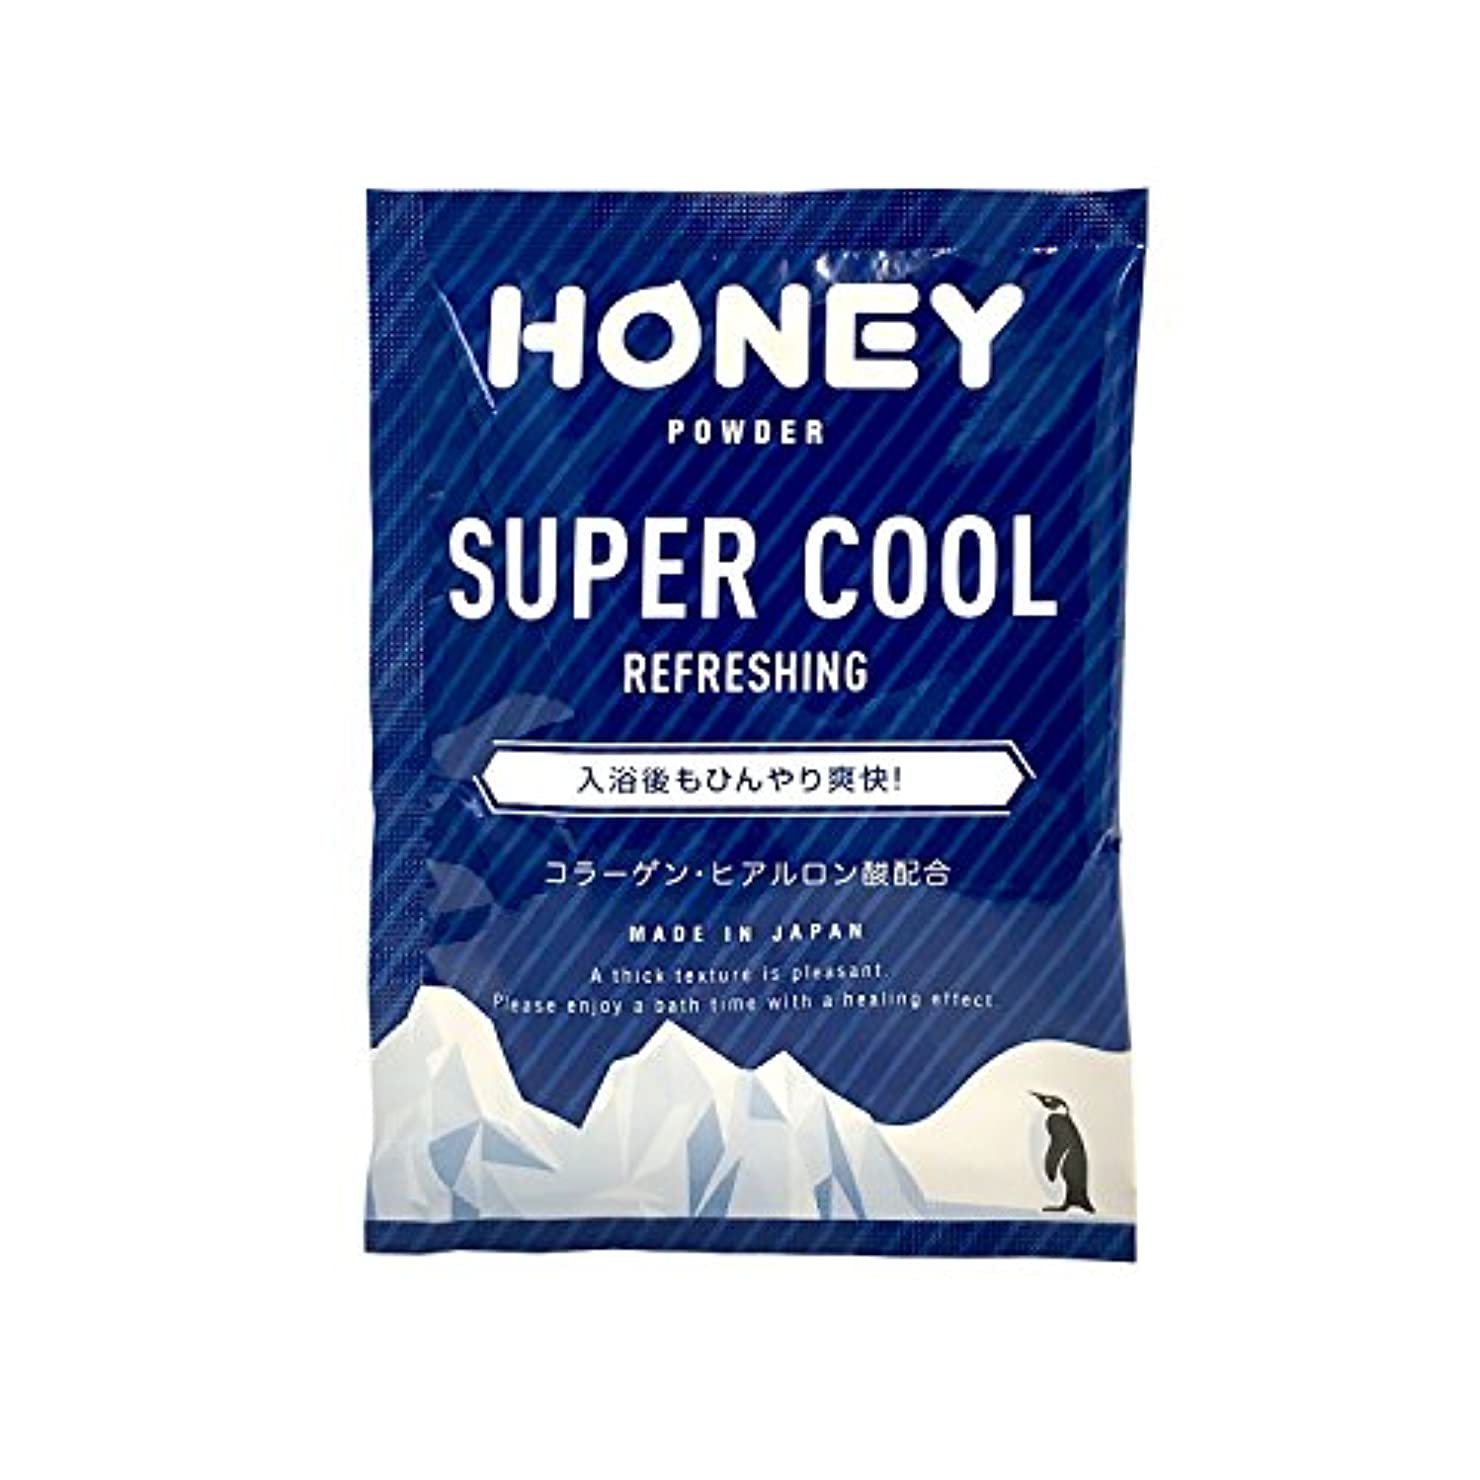 祖父母を訪問ドラマ区とろとろ入浴剤【honey powder】(ハニーパウダー) スーパークール 粉末タイプ ローション